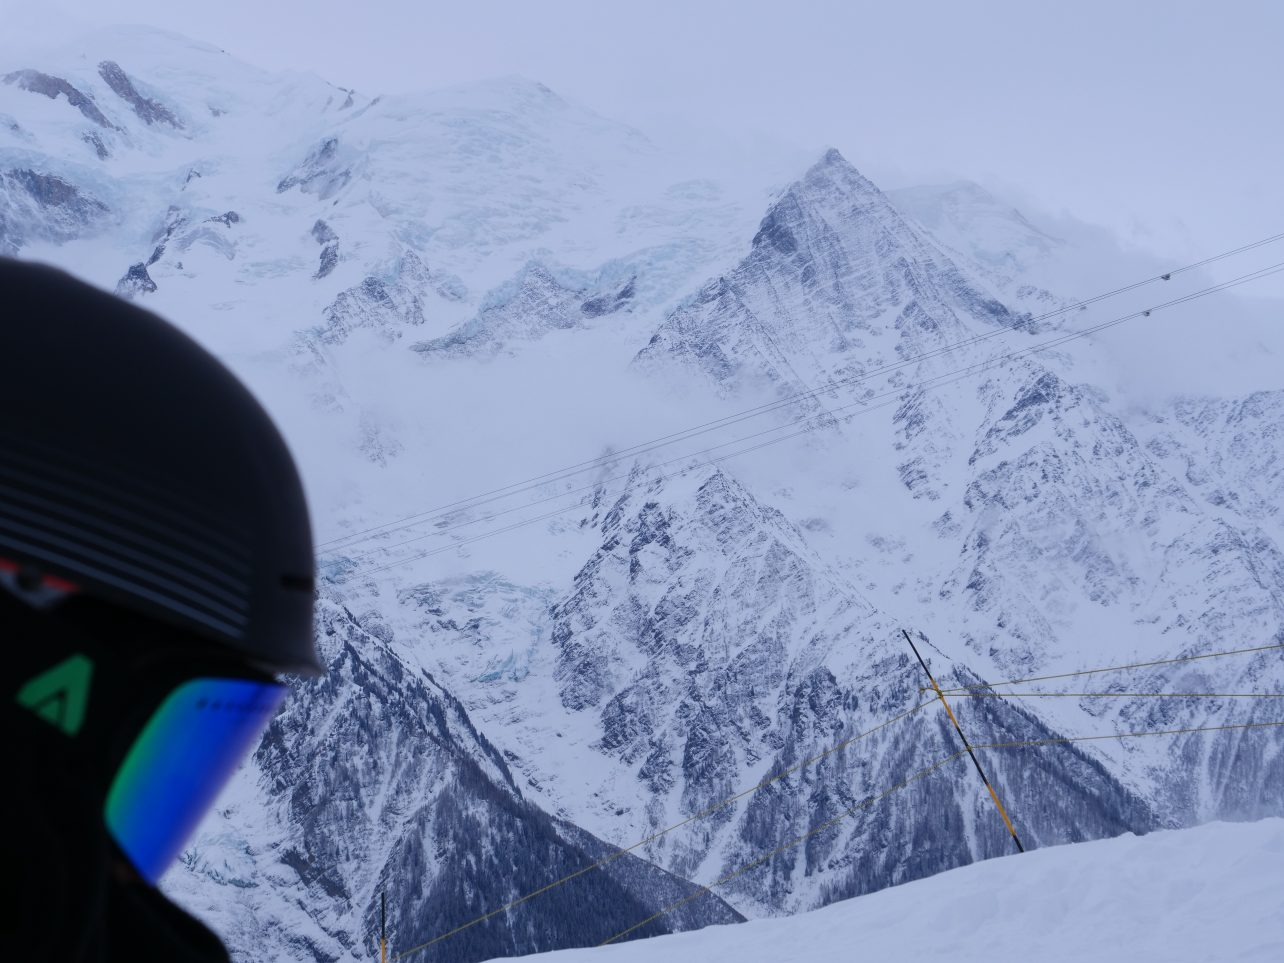 Un jour de neige sur le massif de Massif de Brévent